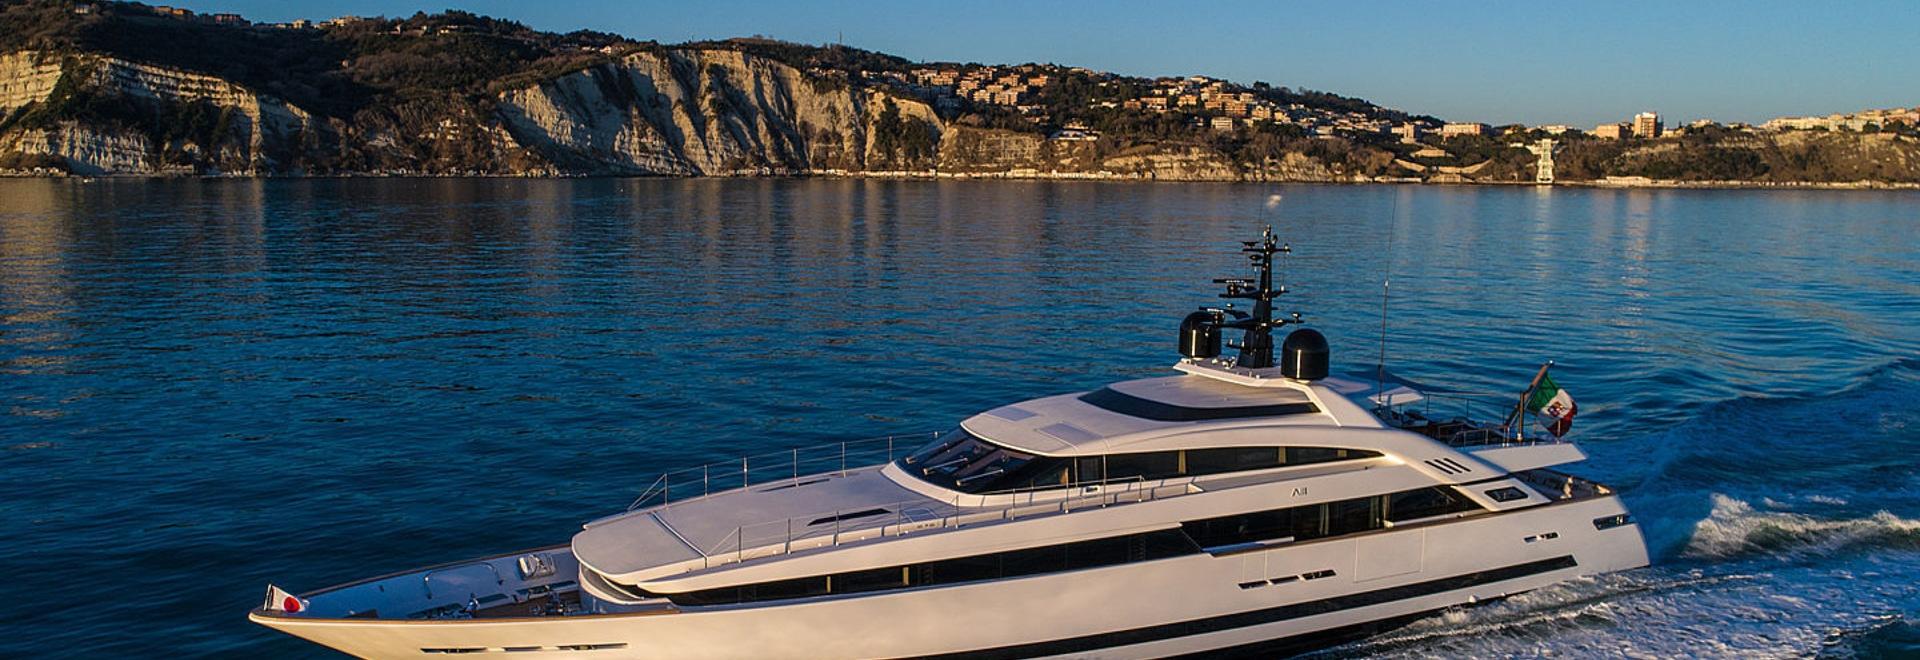 Erster Blick: An Bord der 43m Superyacht Agora III von ISA Yachts